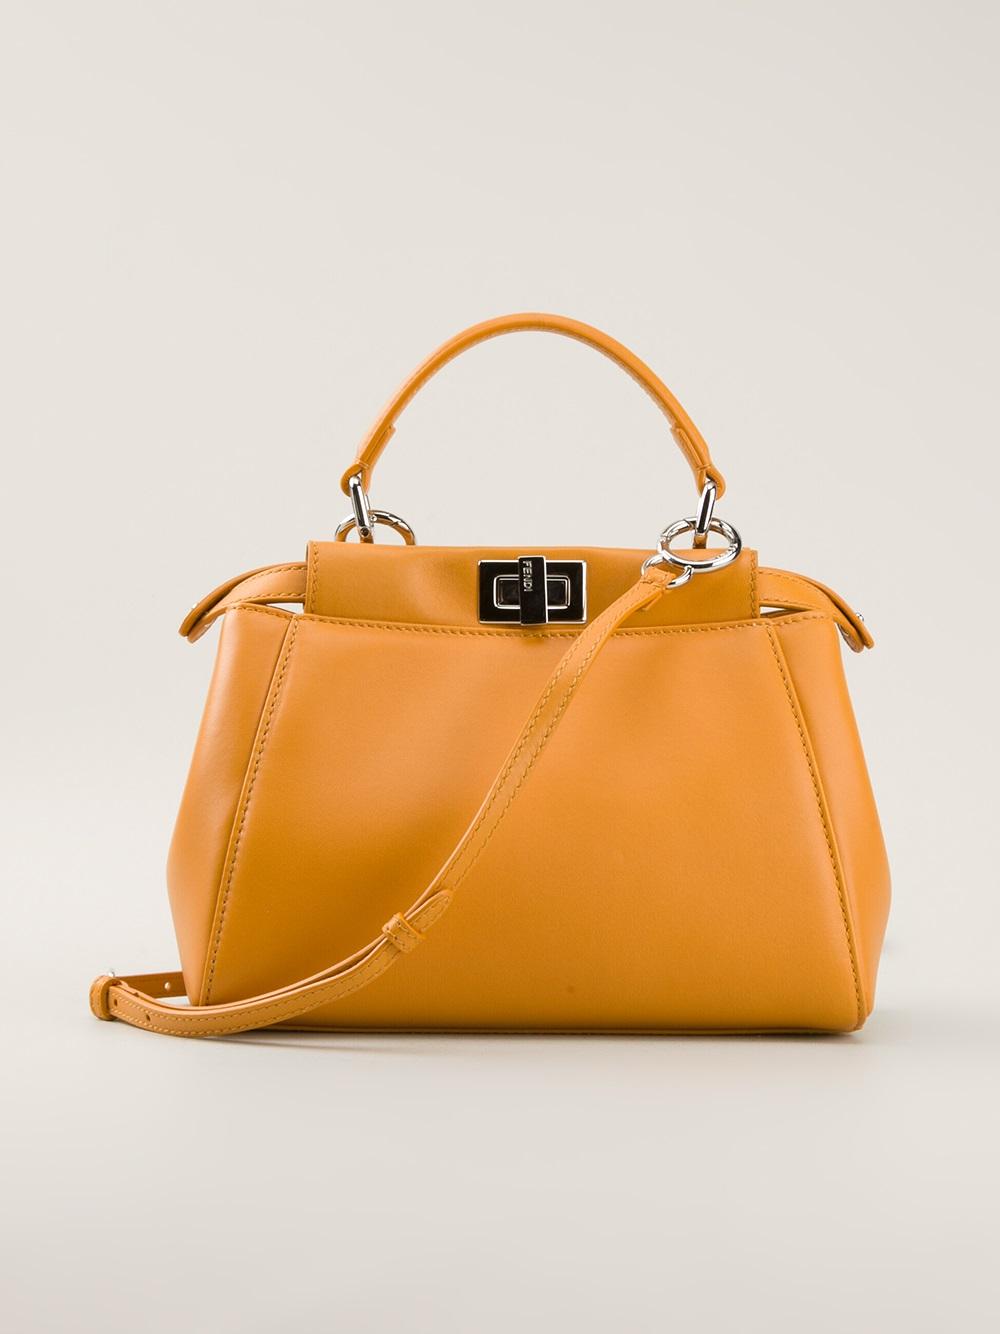 8bad147bfa41 ... clearance fendi peekaboo small tote bag in yellow lyst 33bec a228b